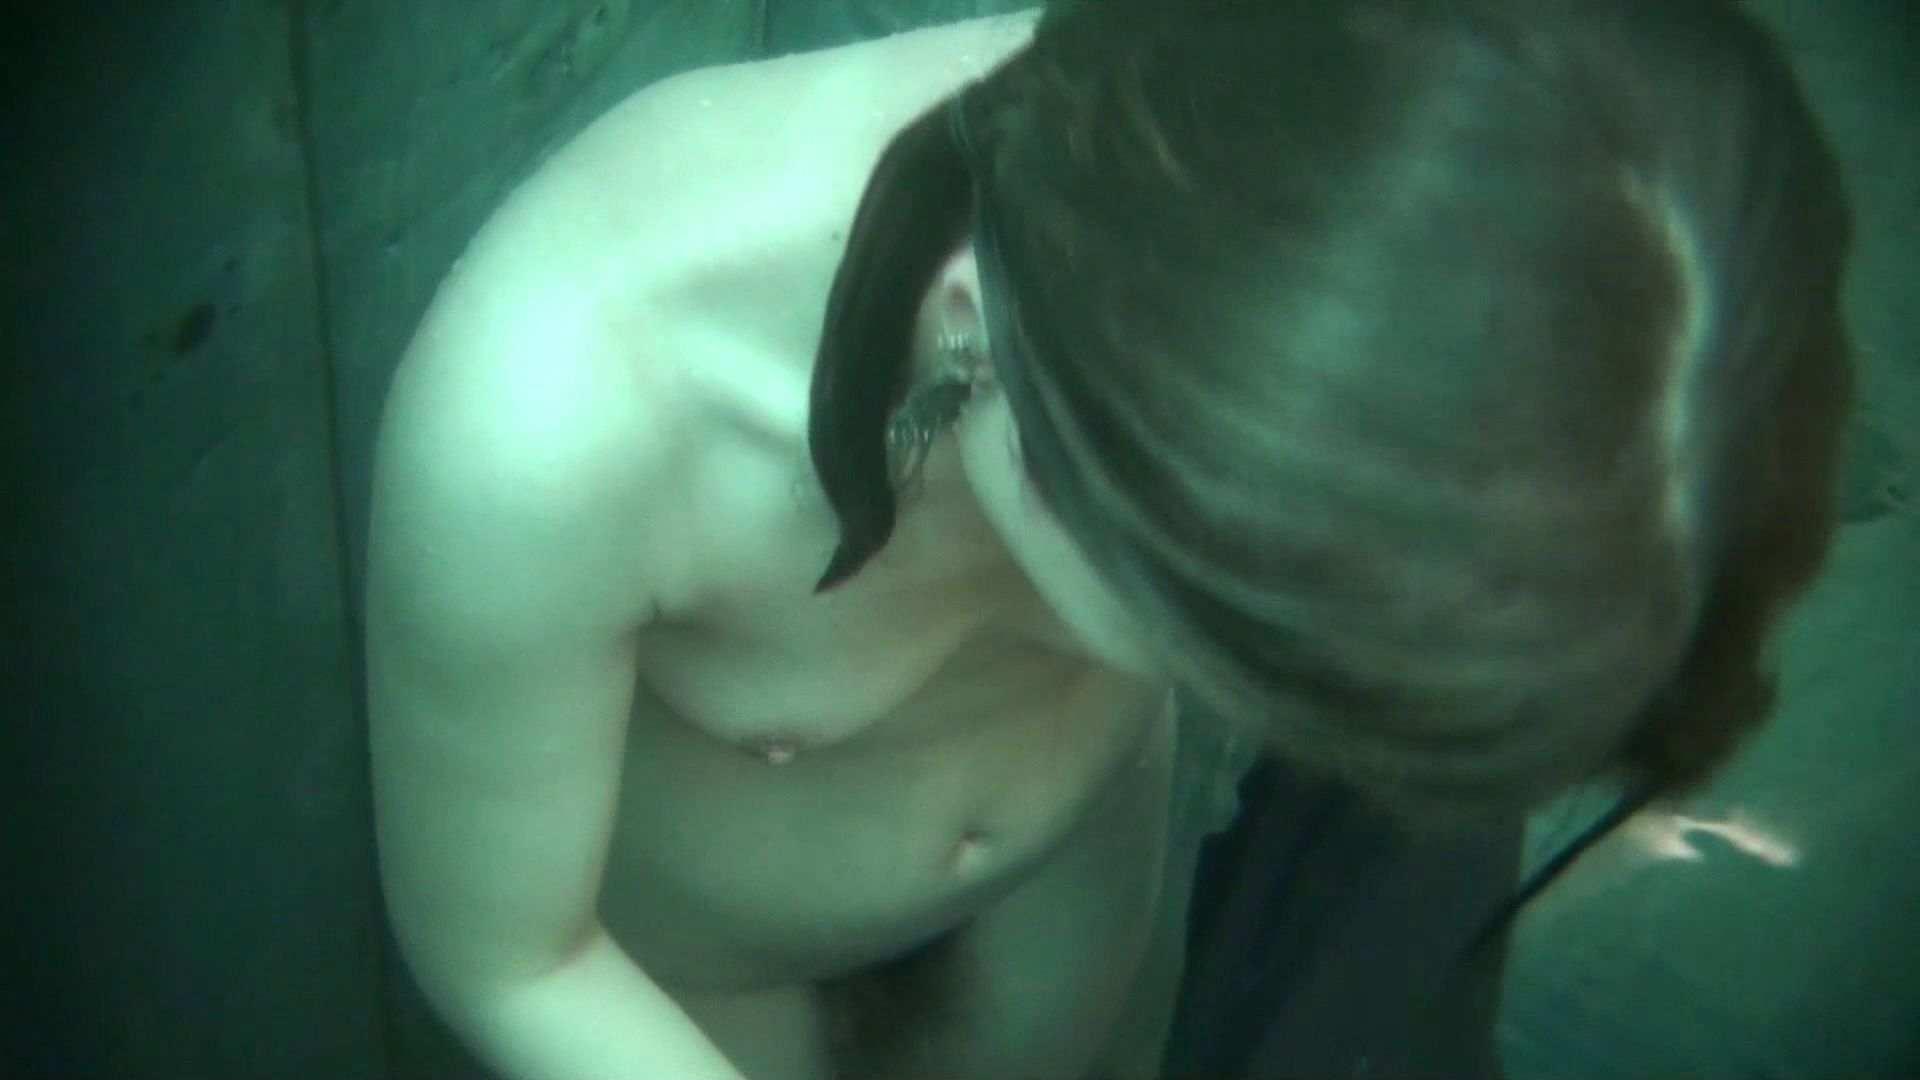 シャワールームは超!!危険な香りVol.12 女性のおまんこには予想外の砂が混入しているようです。 おまんこ  101pic 80